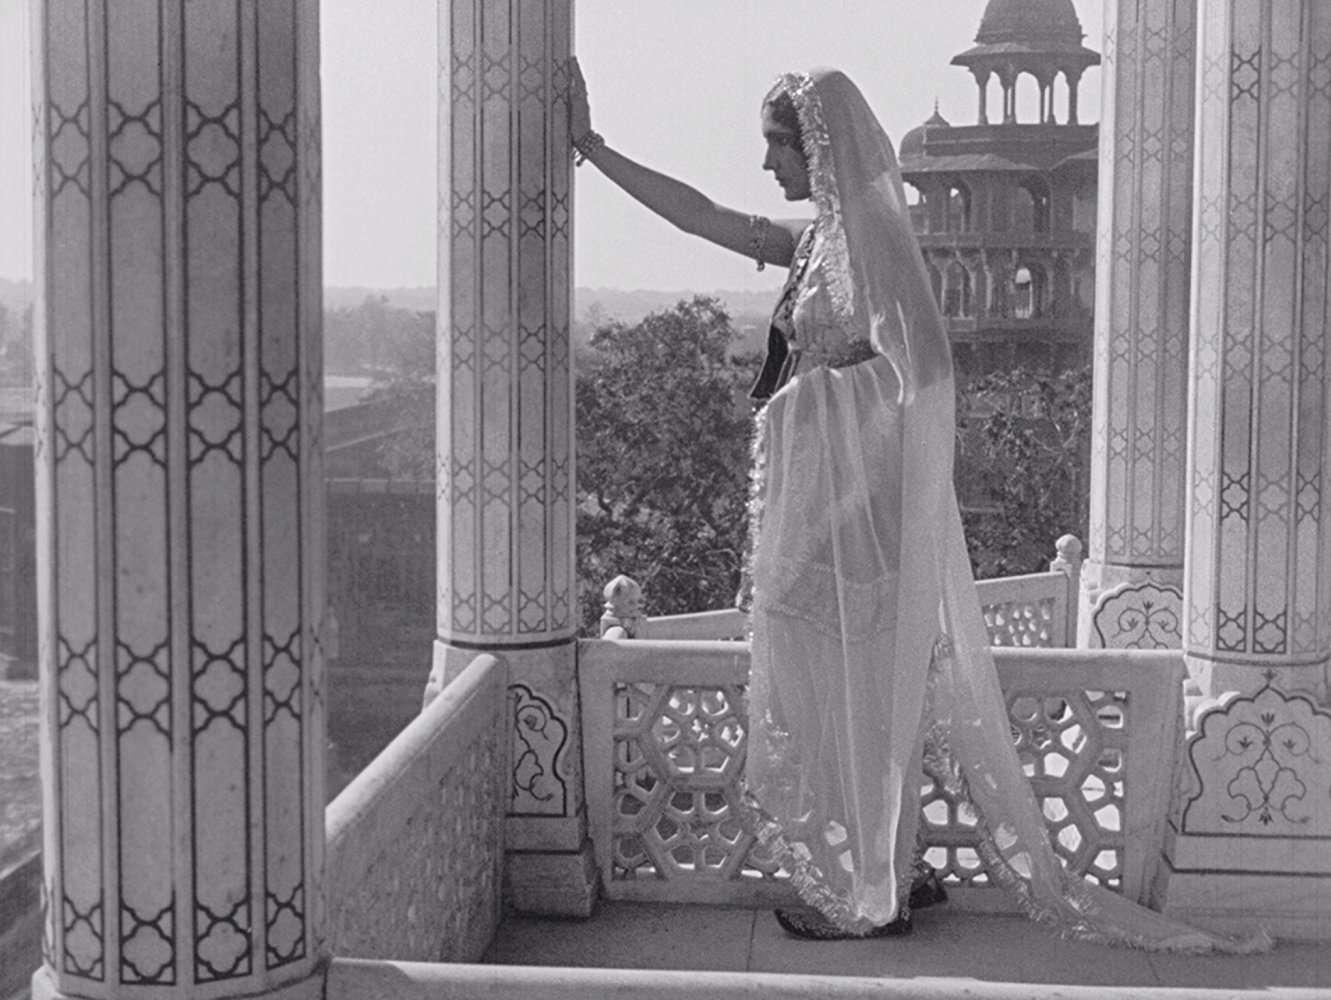 Shiraz 1928 1080p BluRay x264-GHOULS